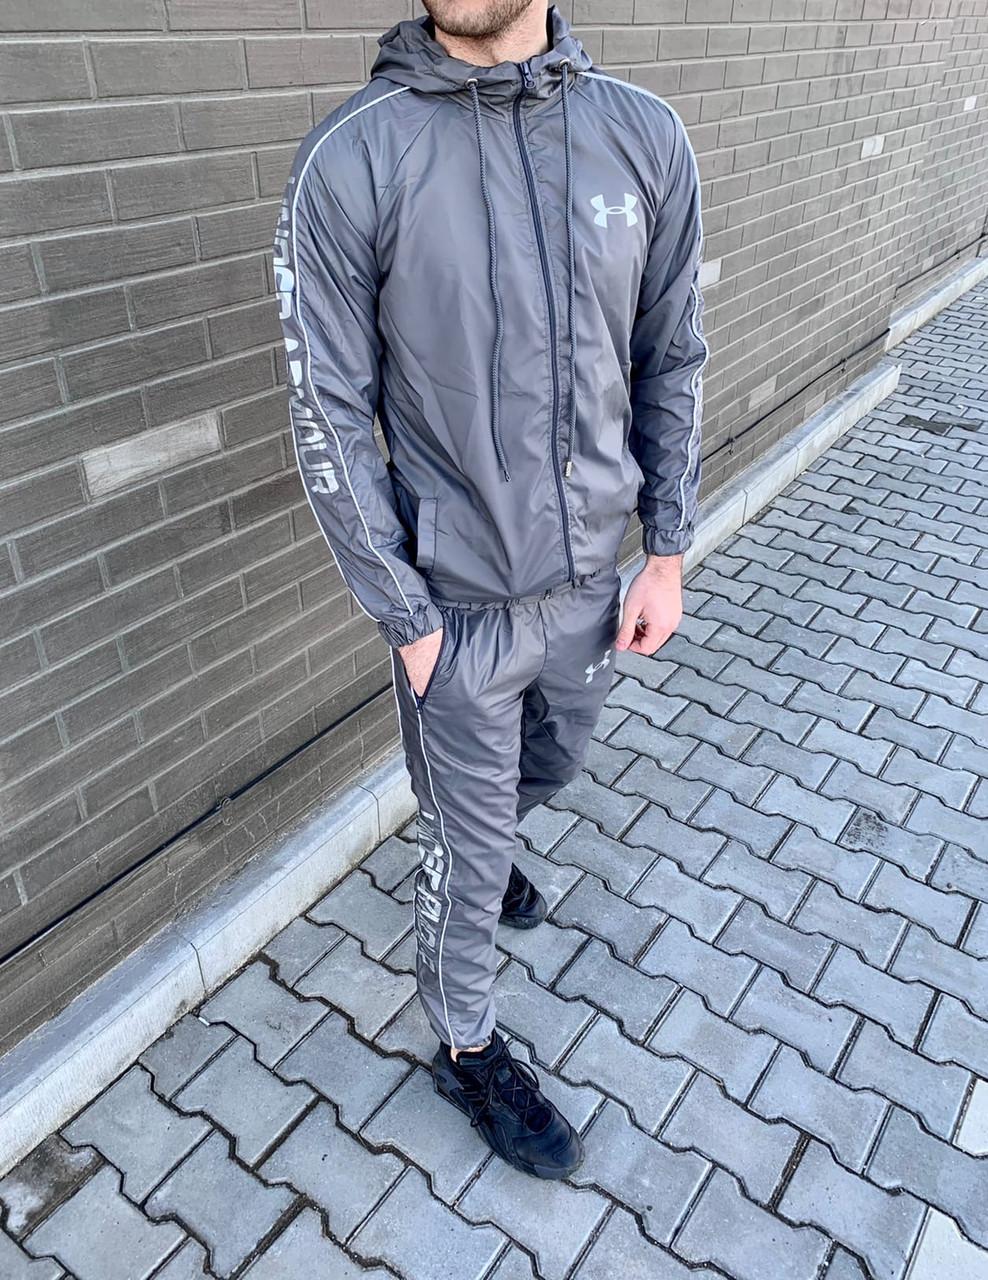 Under Armor Мужской спортивный костюм серый с капюшоном и брендированым лампасом.Кофта+штаны демисезонный